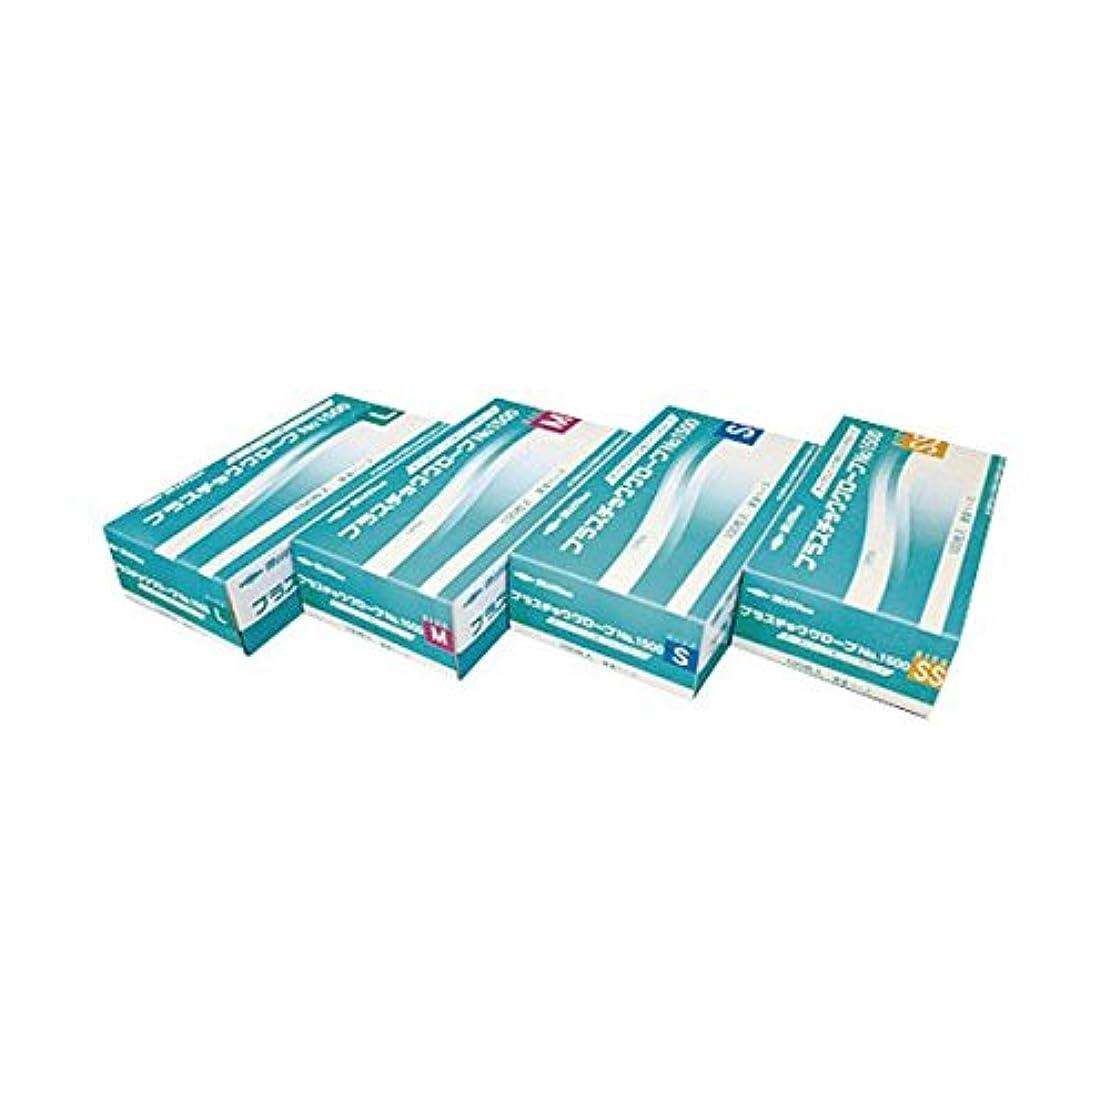 判定意志に反する引き金共和 プラスチックグローブNo1500 L ds-1915784